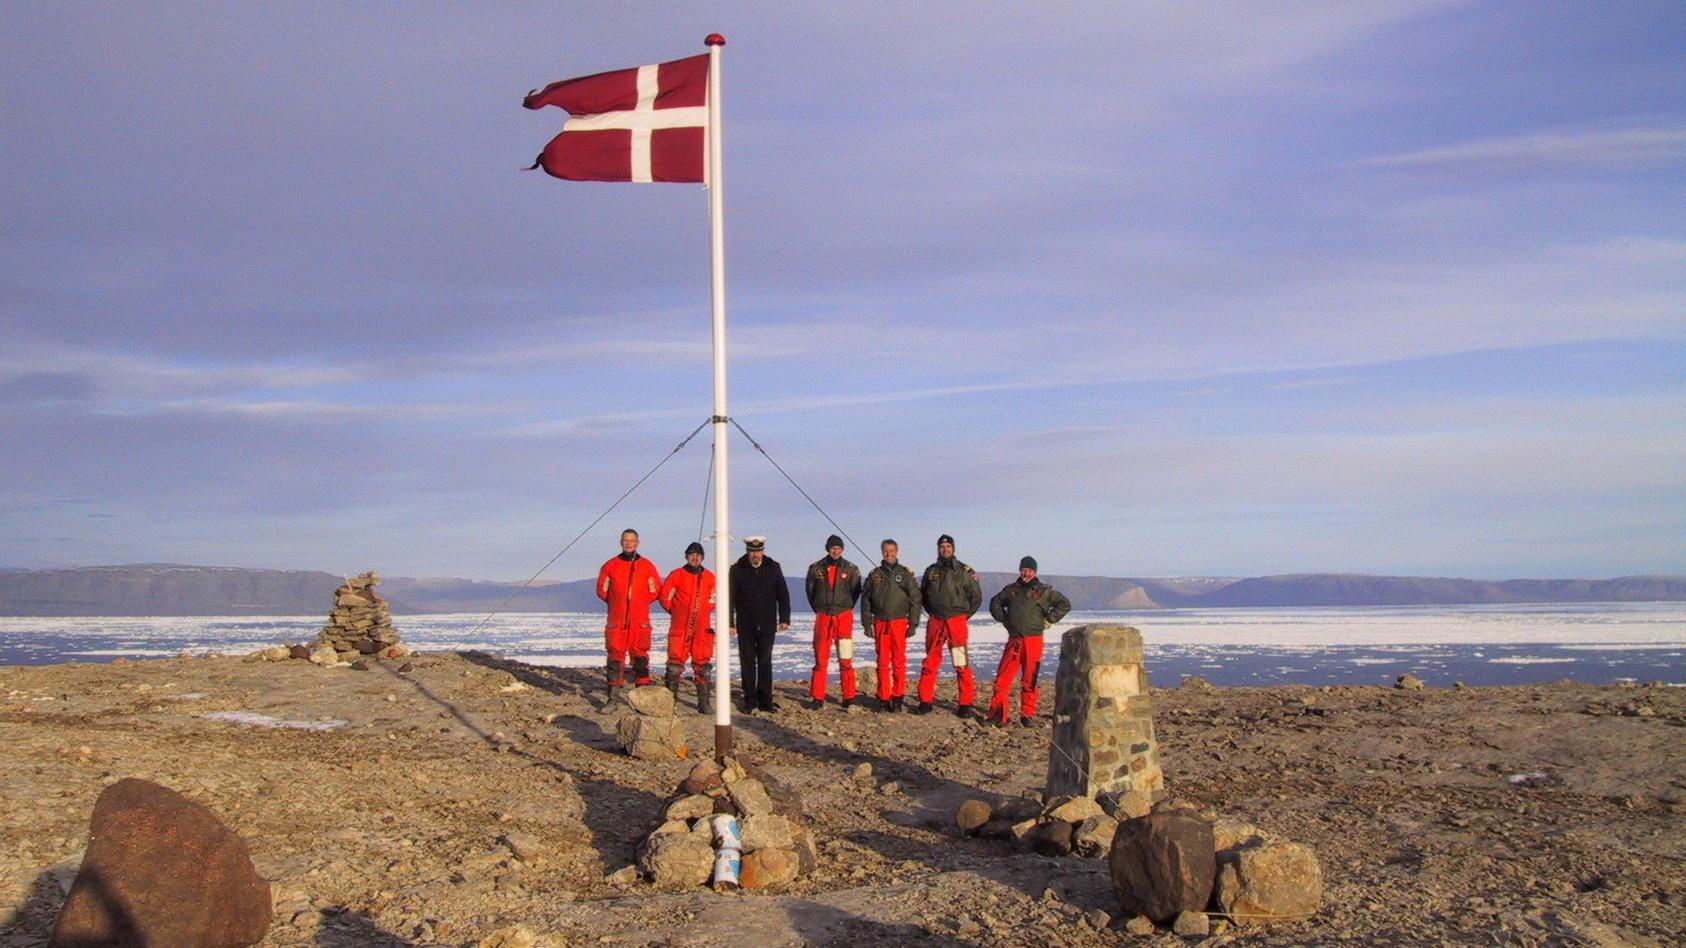 Eine weitere Runde im Hans-Insel-Konflikt: Dänische Marine-Soldaten platzieren die dänische Flagge auf dem Felsen.